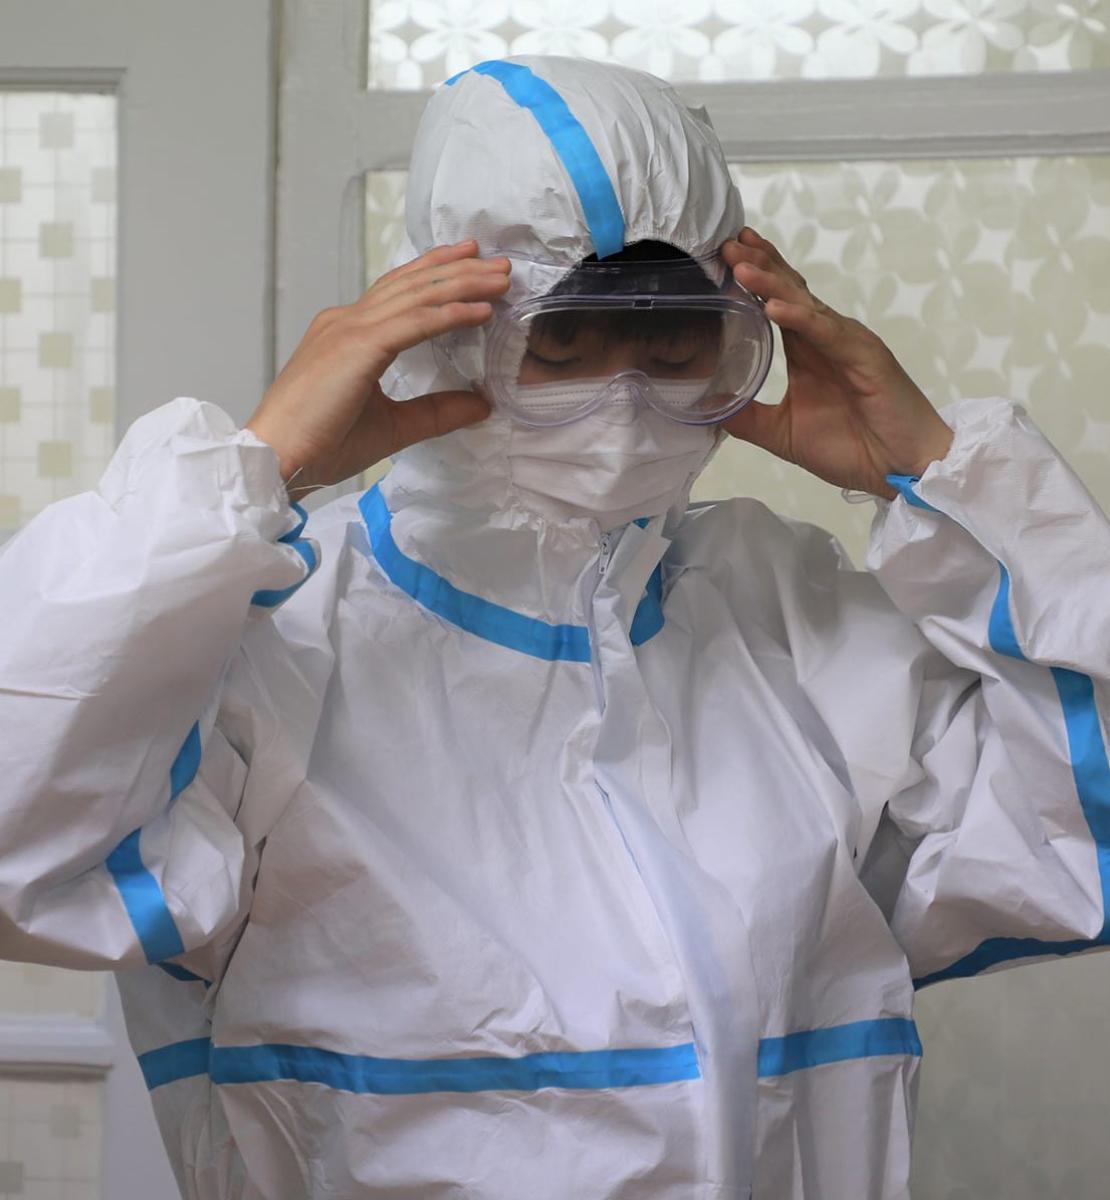 Медицинский работник примеряет костюм индивидуальной защиты.